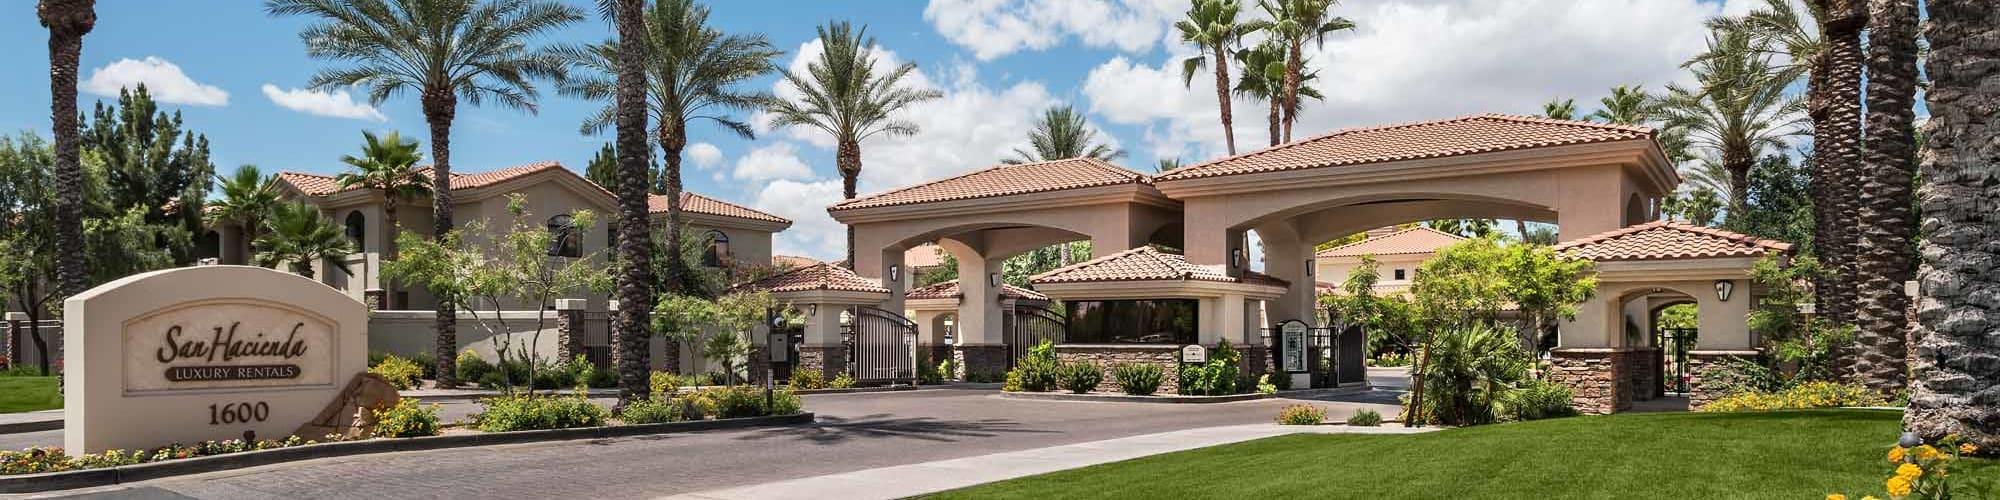 Schedule a tour of San Hacienda in Chandler, Arizona